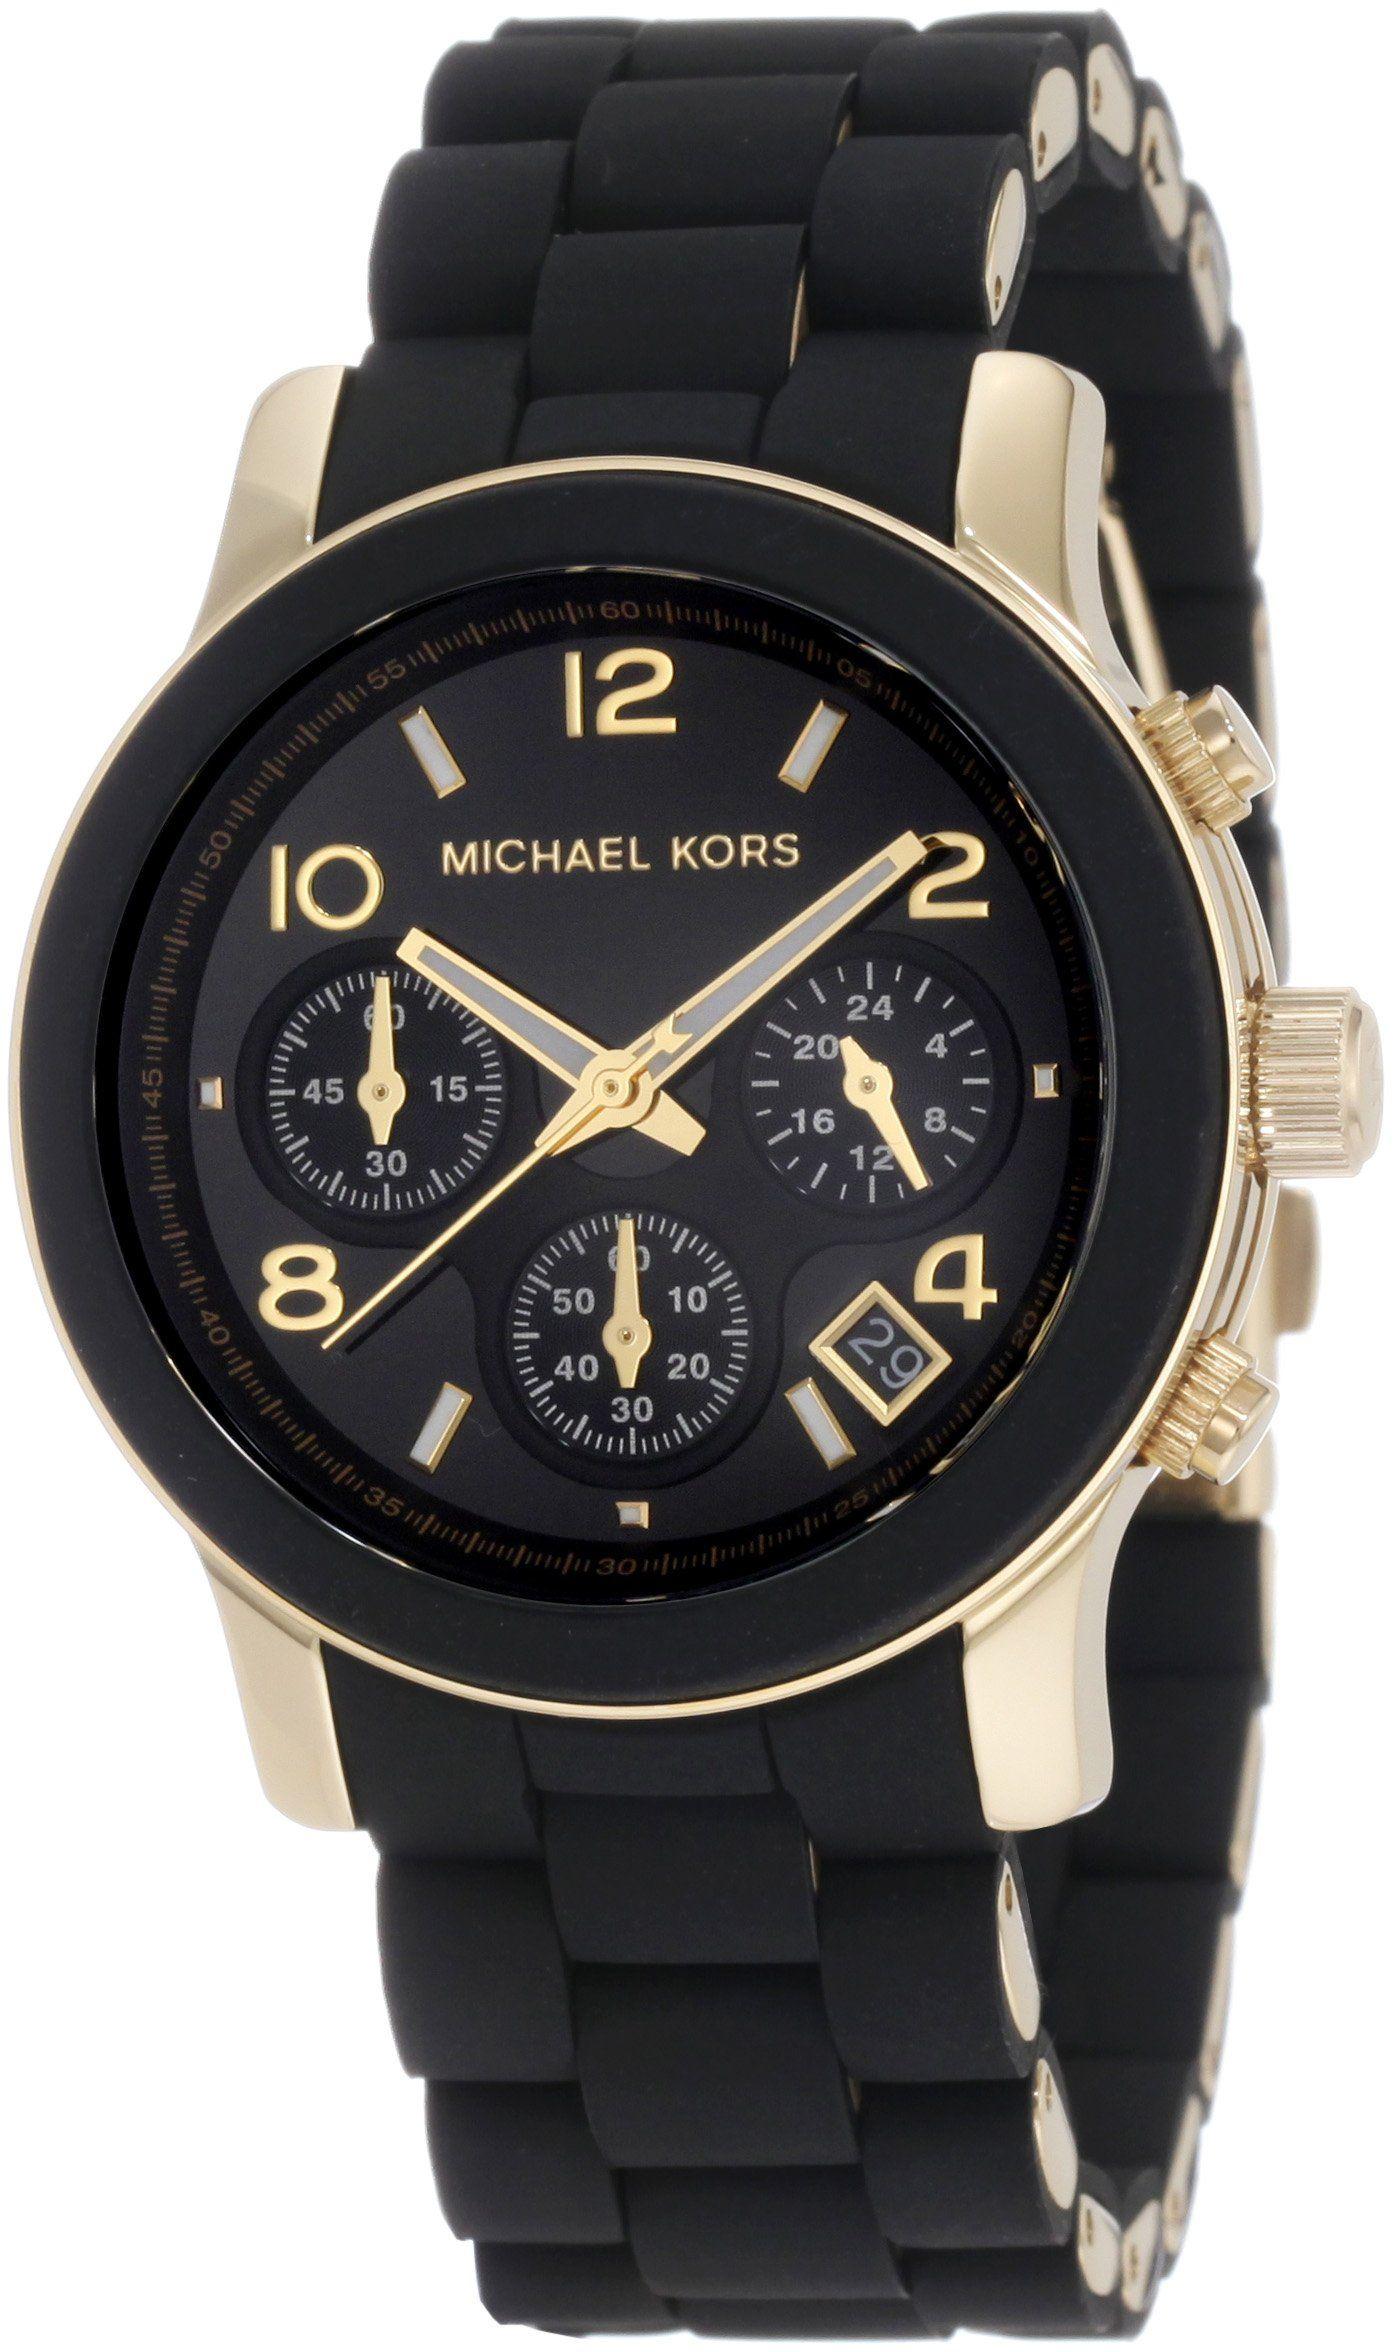 182e49e76908 MICHAEL KORS MK5191 - Reloj analógico de cuarzo para mujer con correa de  acero inoxidable